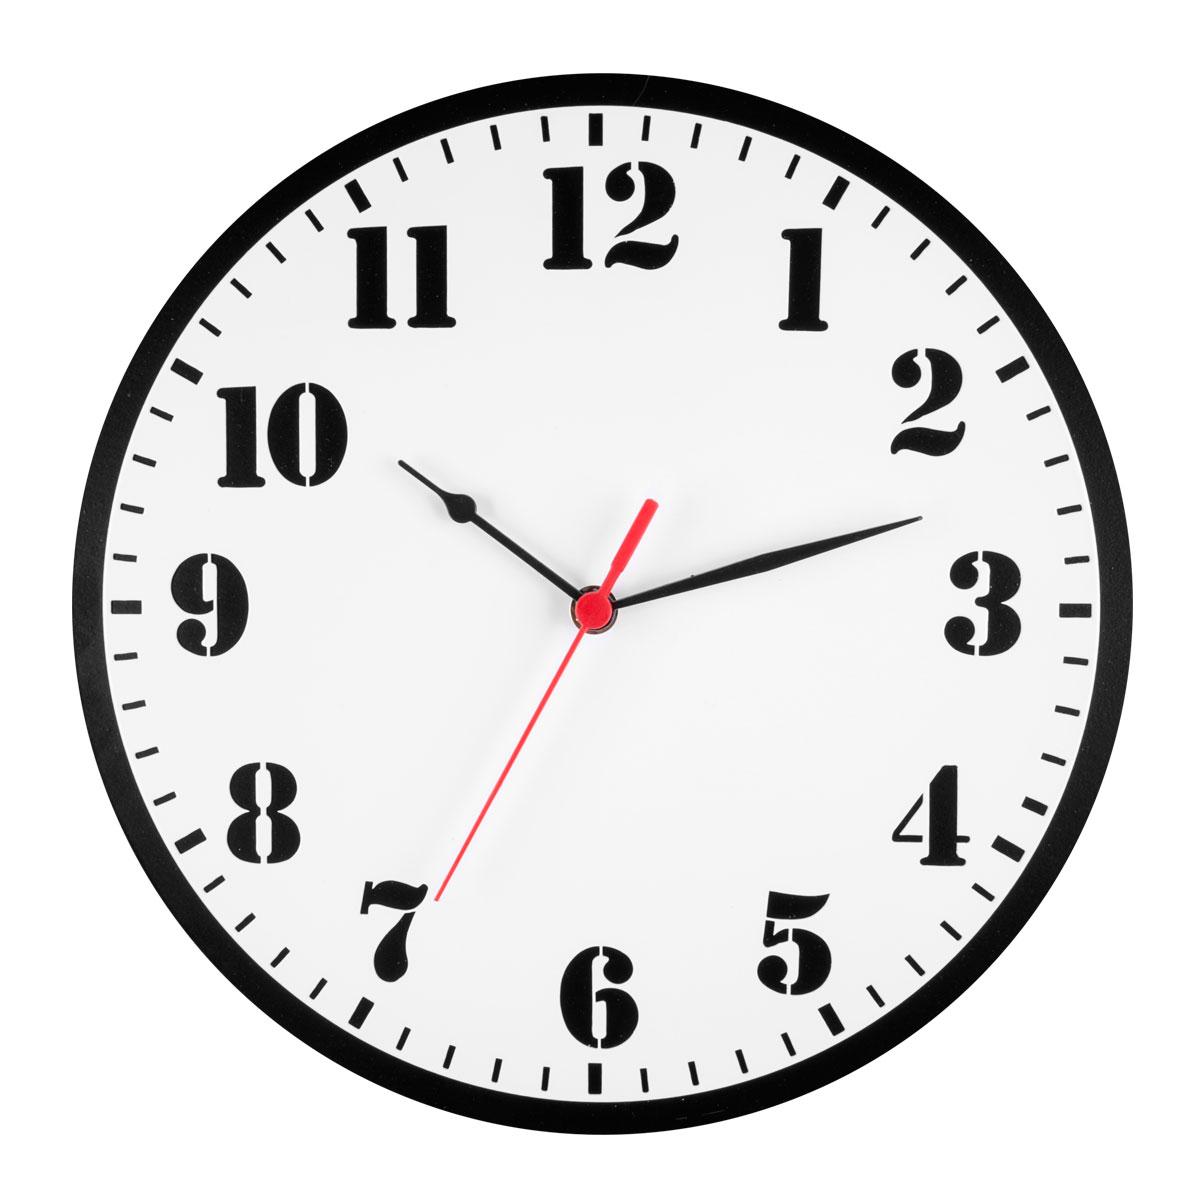 Часы настенные Miolla ЦиферблатCH021Оригинальные настенные часы круглой формы выполнены из стали. Часы имеют три стрелки - часовую, минутную и секундную и циферблат с цифрами. Необычное дизайнерское решение и качество исполнения придутся по вкусу каждому. Часы работают от 1 батарейки типа АА напряжением 1,5 В.